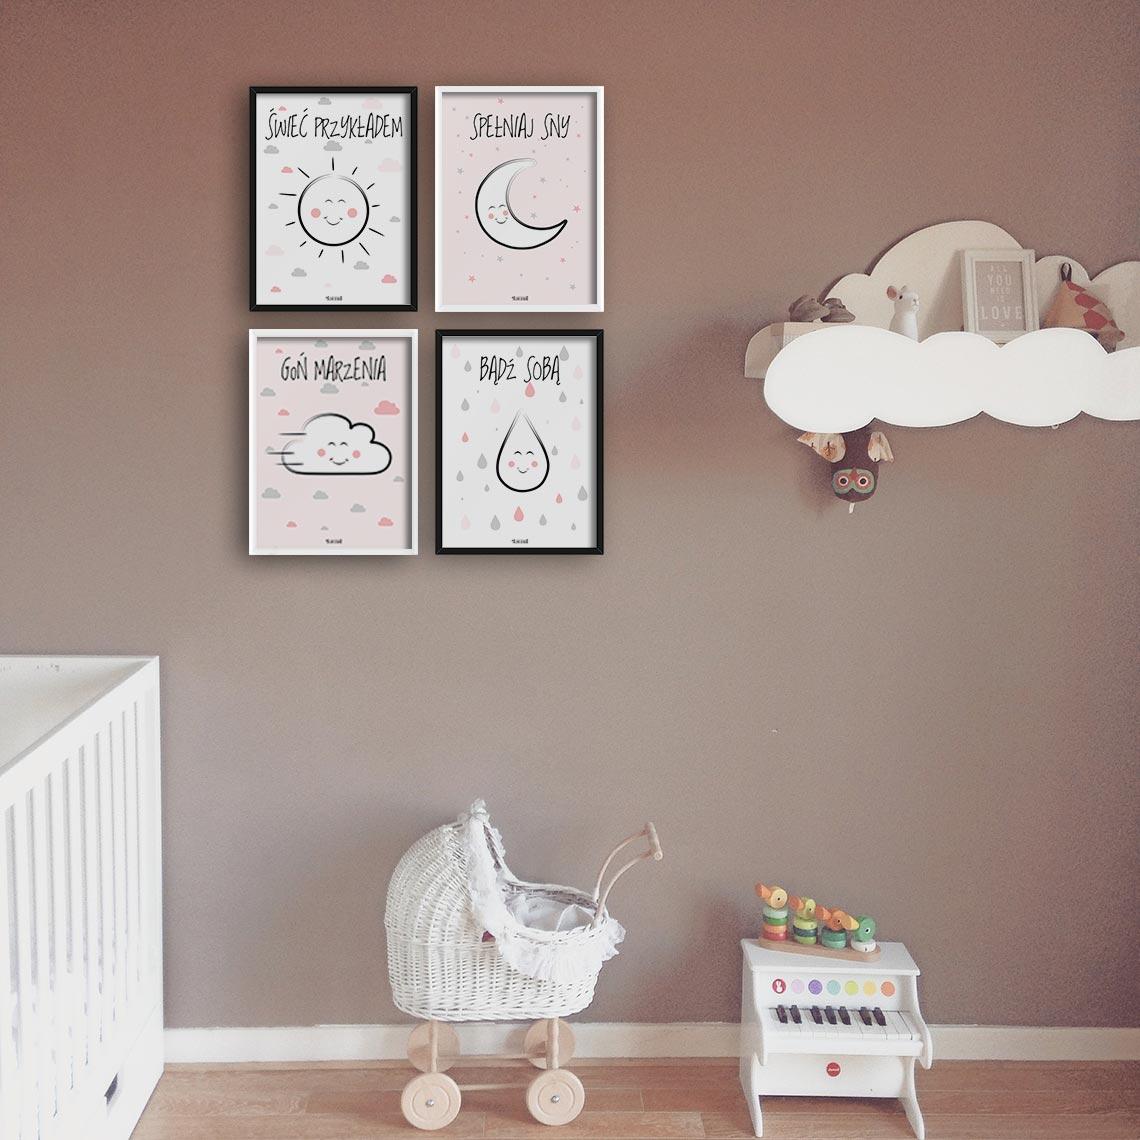 cztery plakaty do pokoju dziecka motywujące alovestudio pl